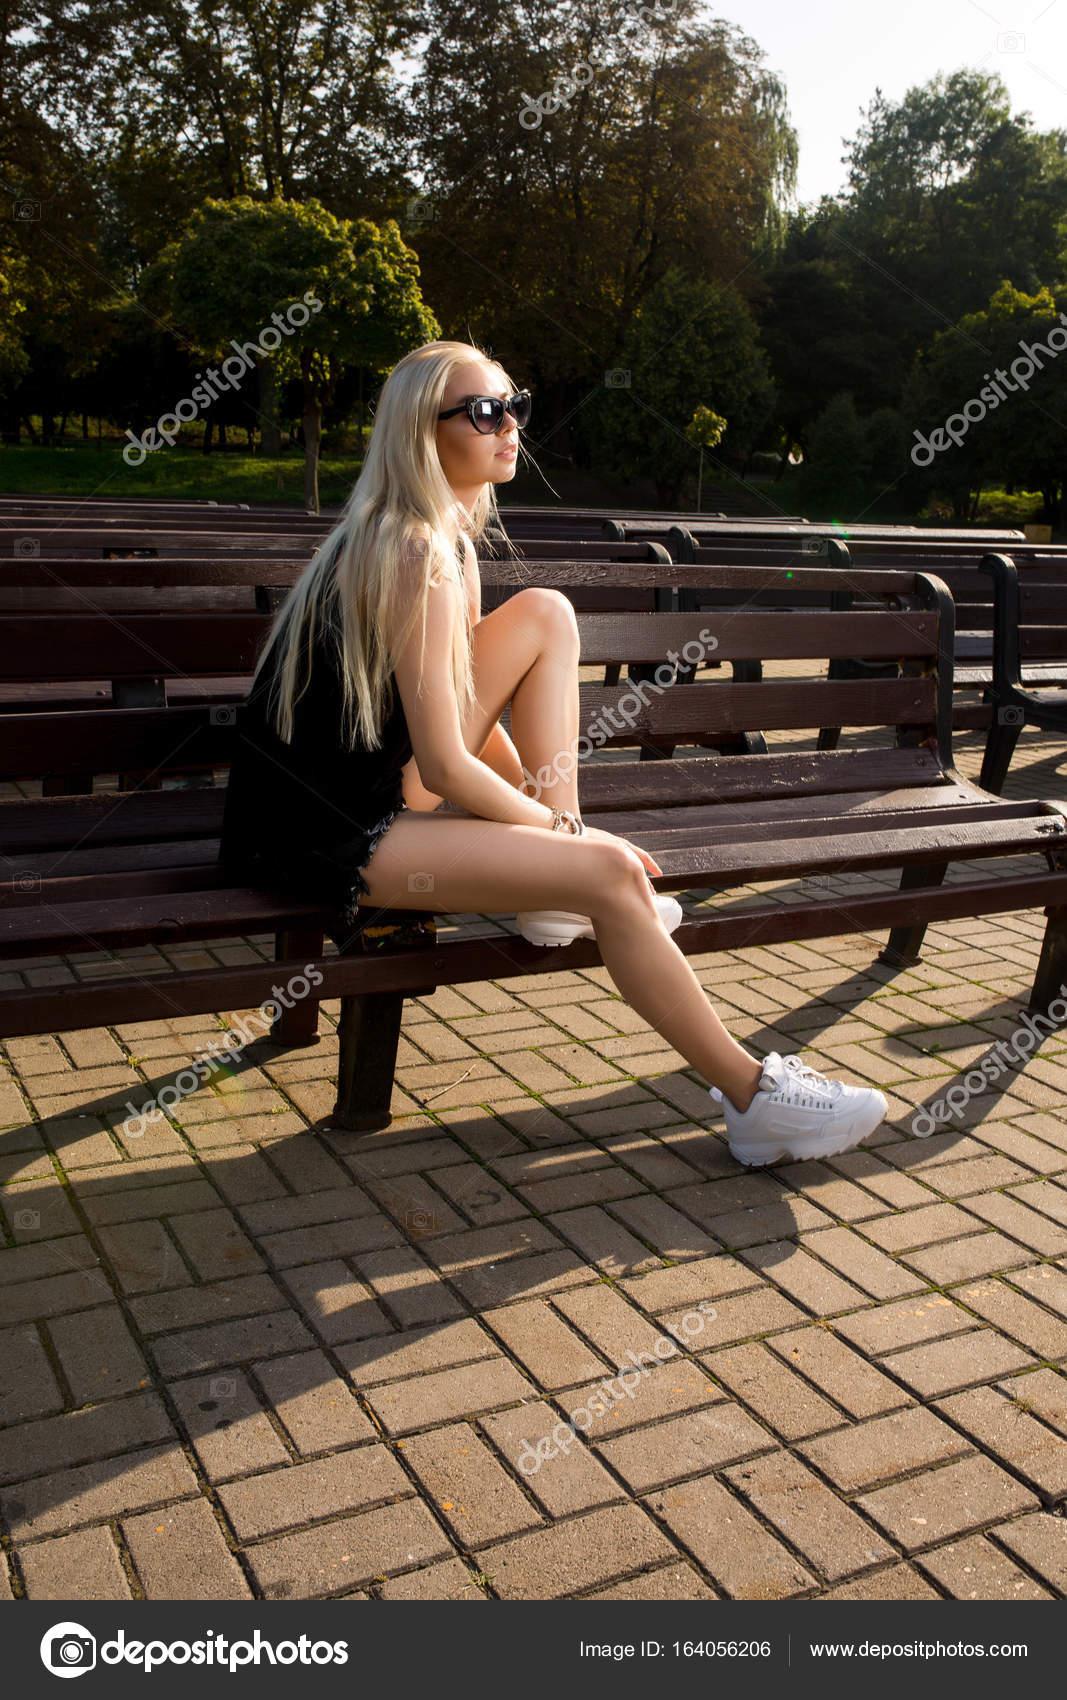 Развратники фото блондинка позирует на лавке порно